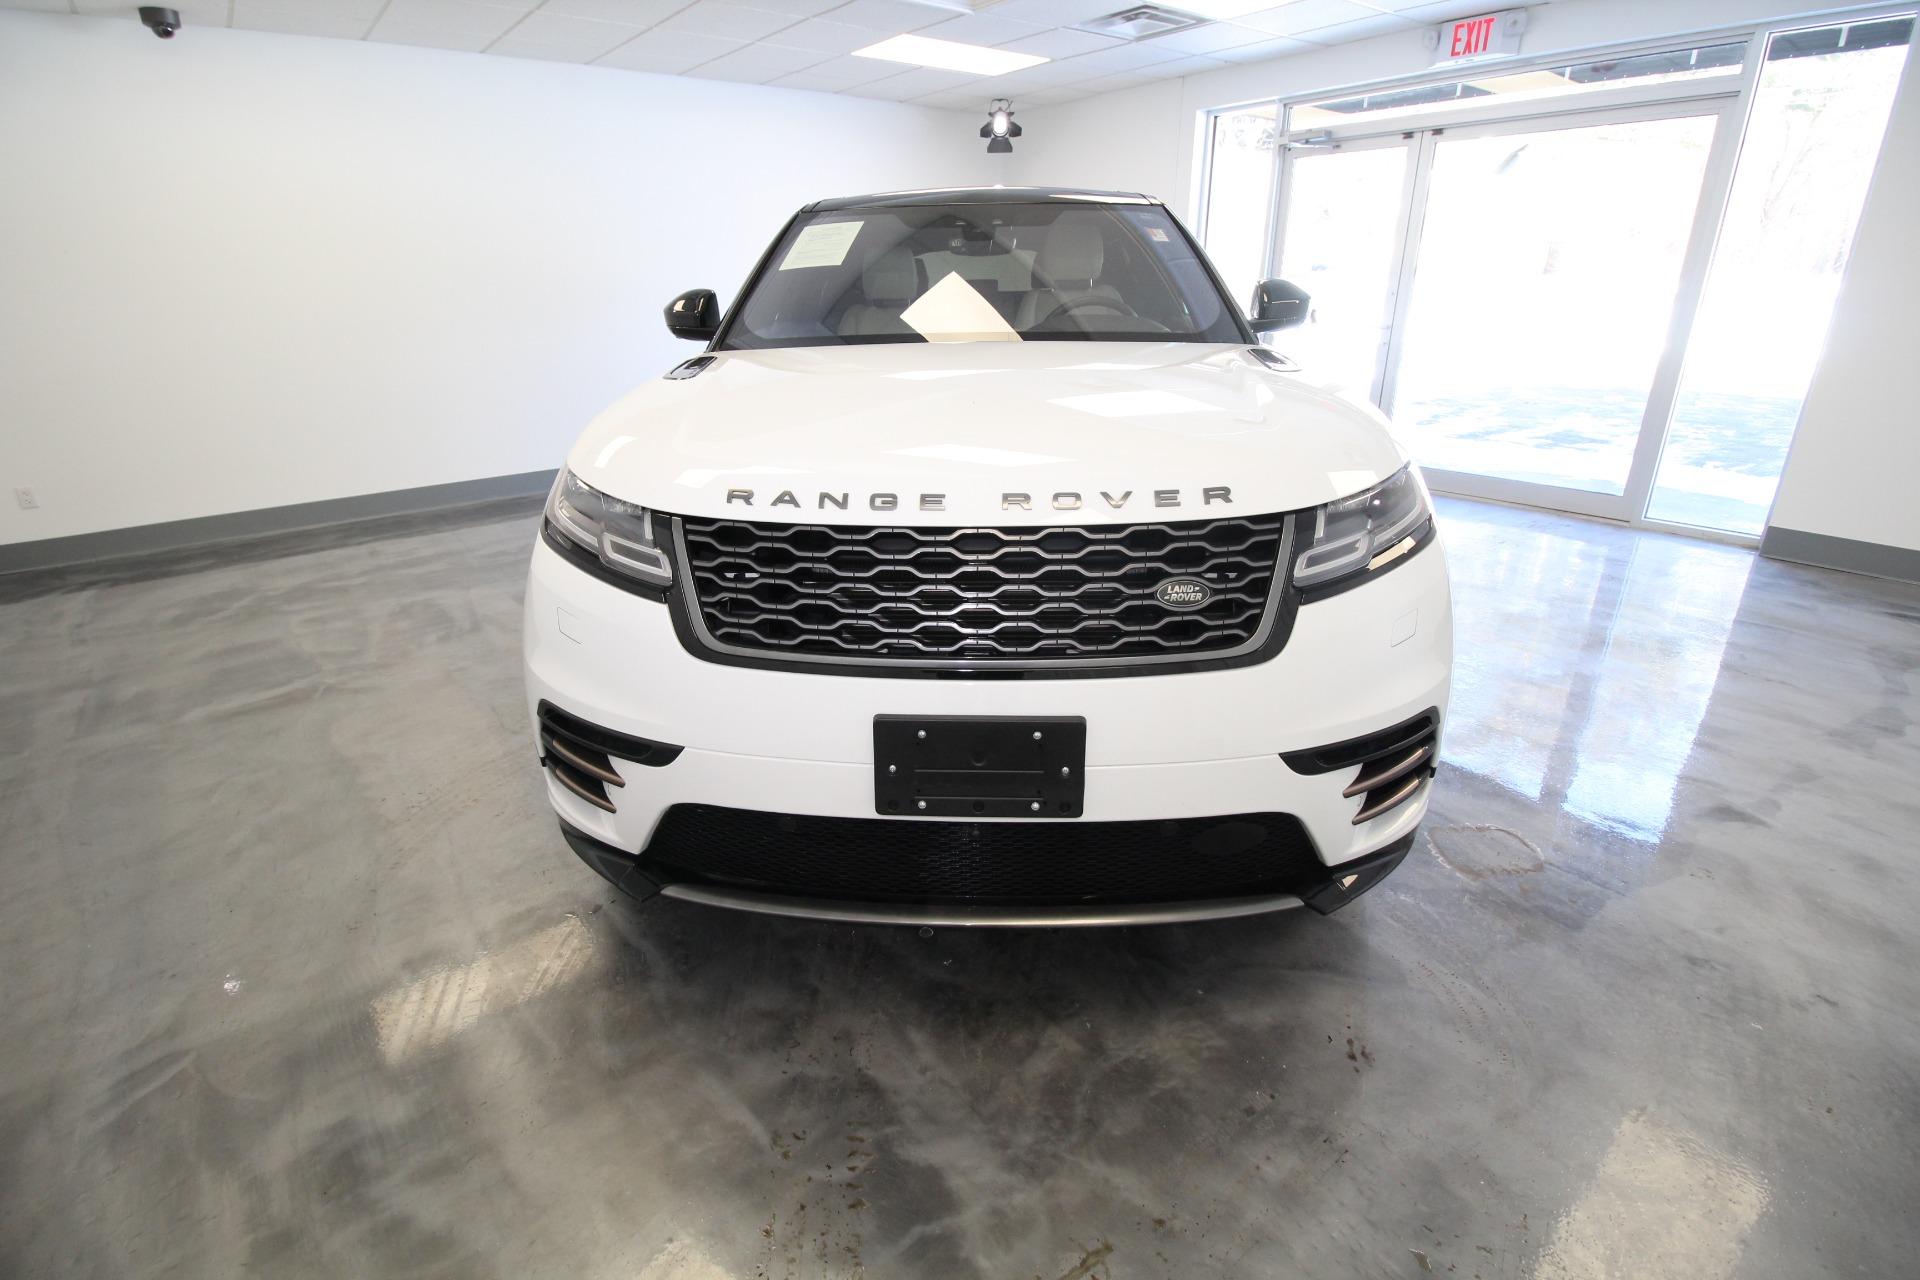 Used 2019 Land Rover Range Rover Velar R-Dynamic SE I4 SUPER HOT COLORS | Albany, NY